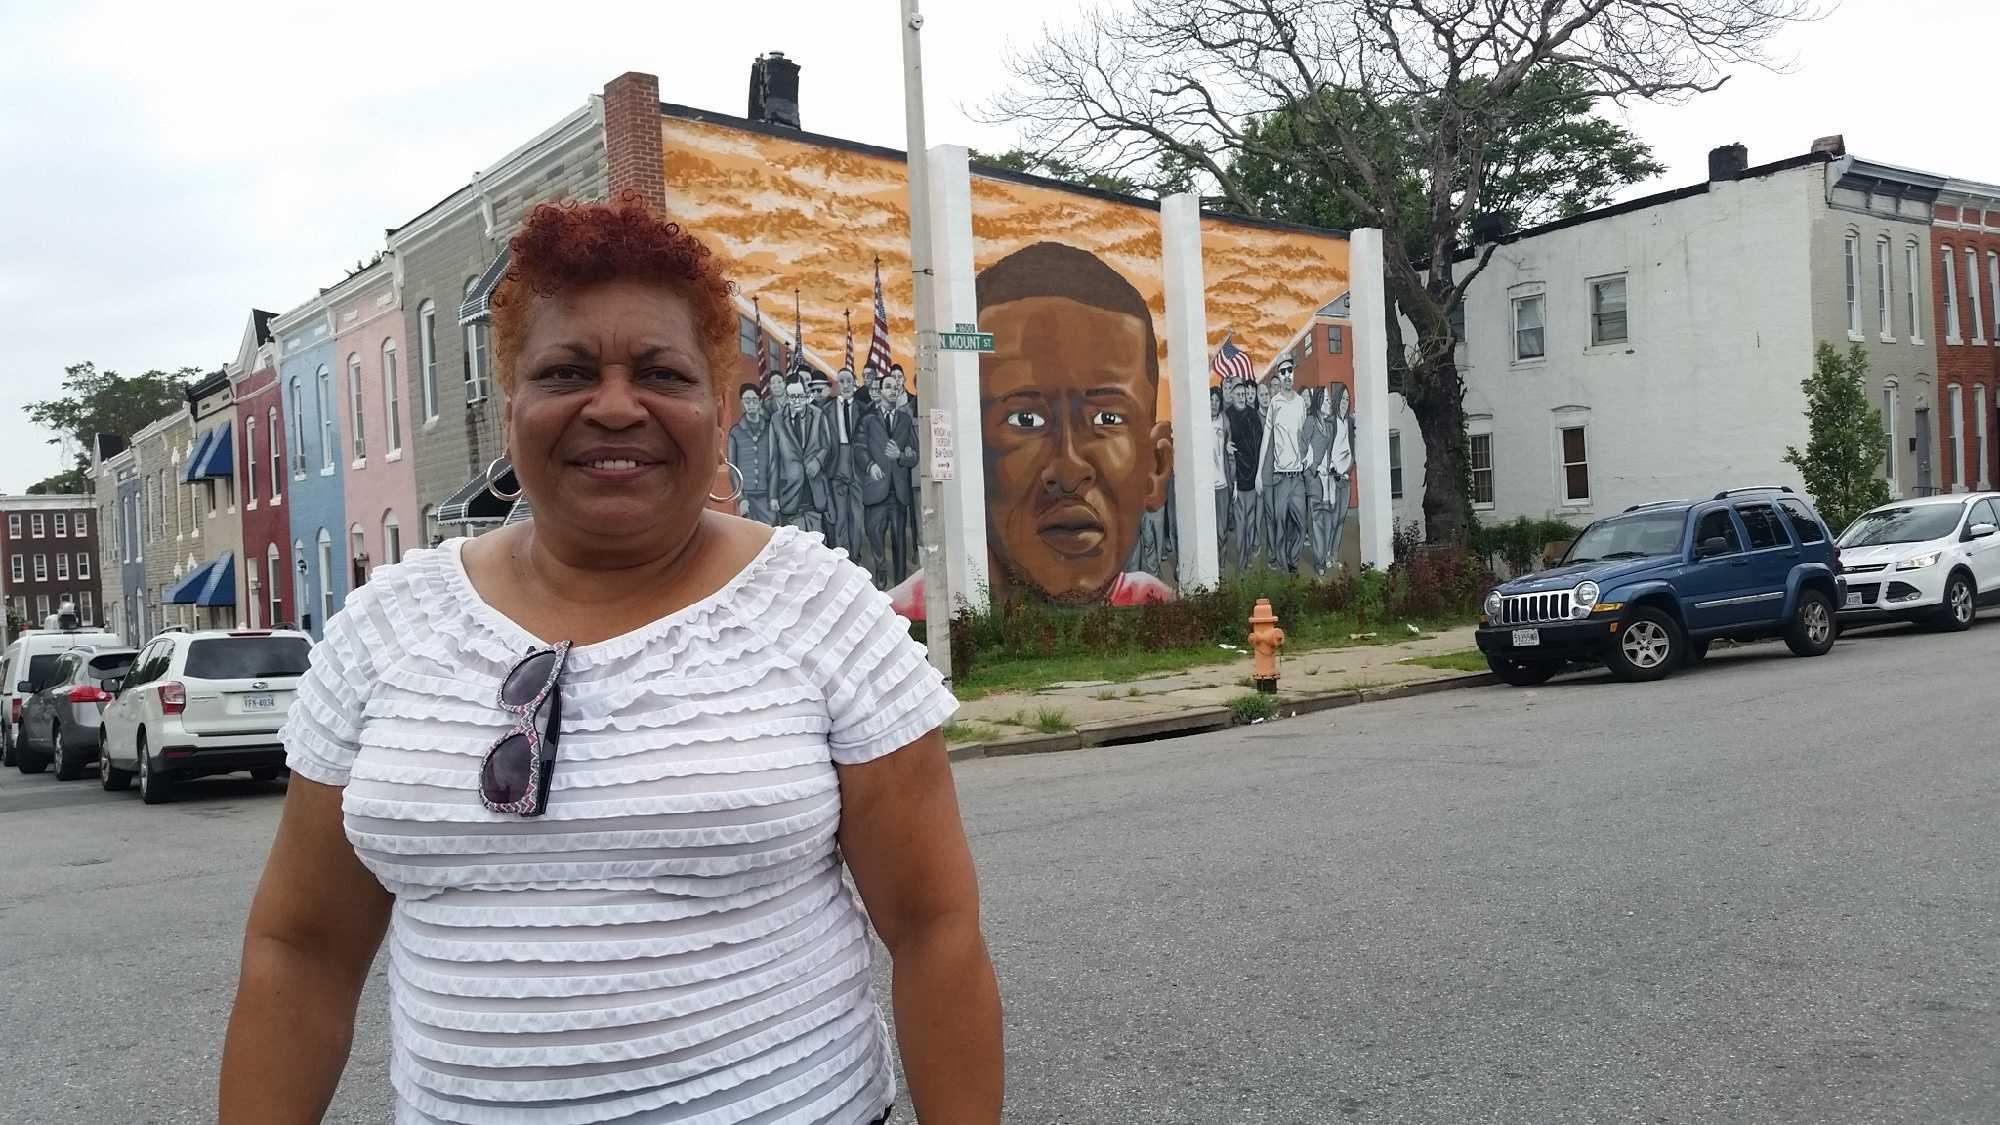 Baltimore NAACP President Tessa Hill-Aston